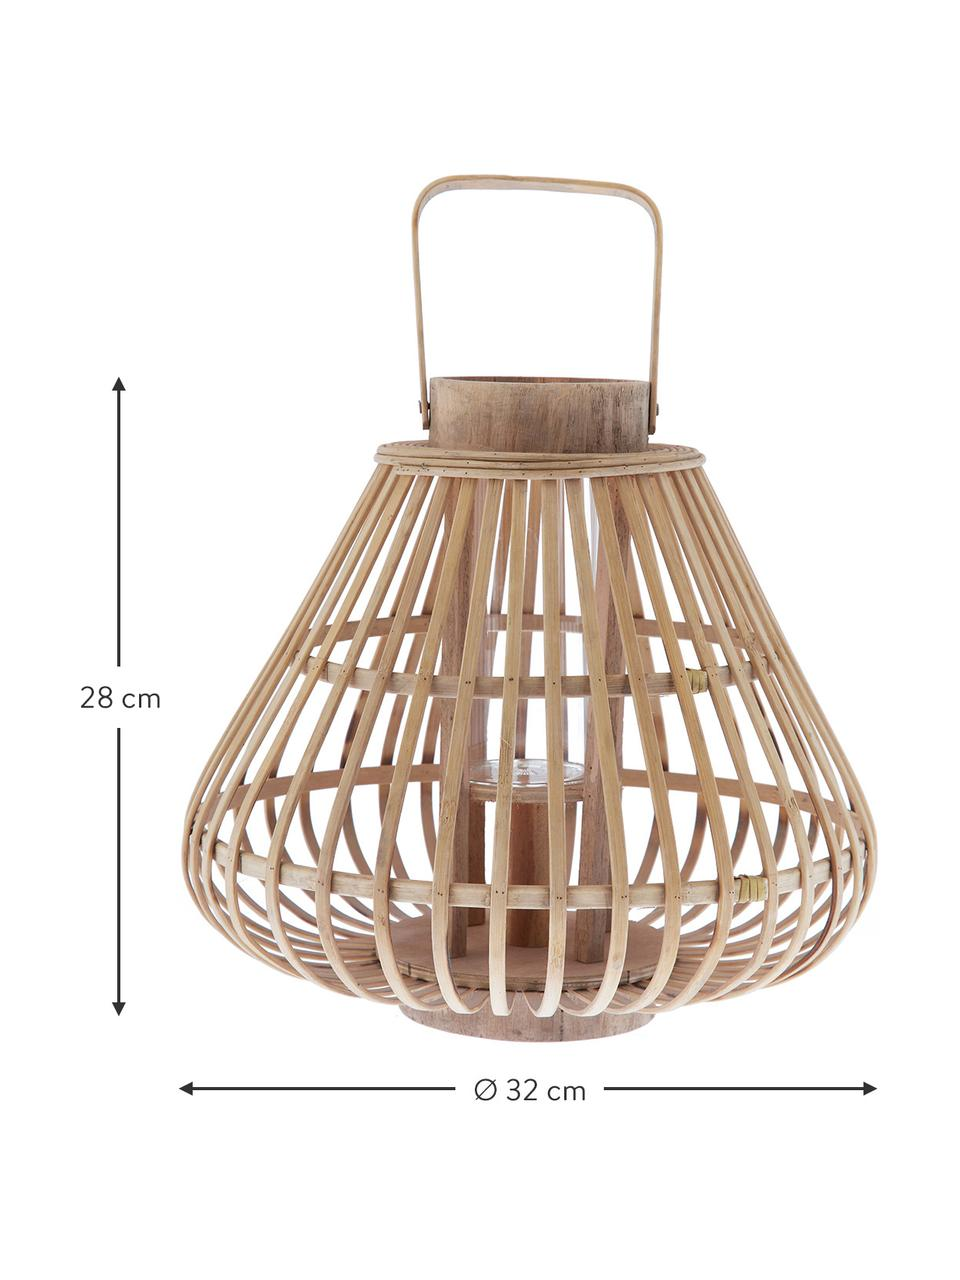 Windlicht Sahara, Bamboe, Behuizing: bamboehoutkleurig. Glazen element: transparant, Ø 32 x H 28 cm